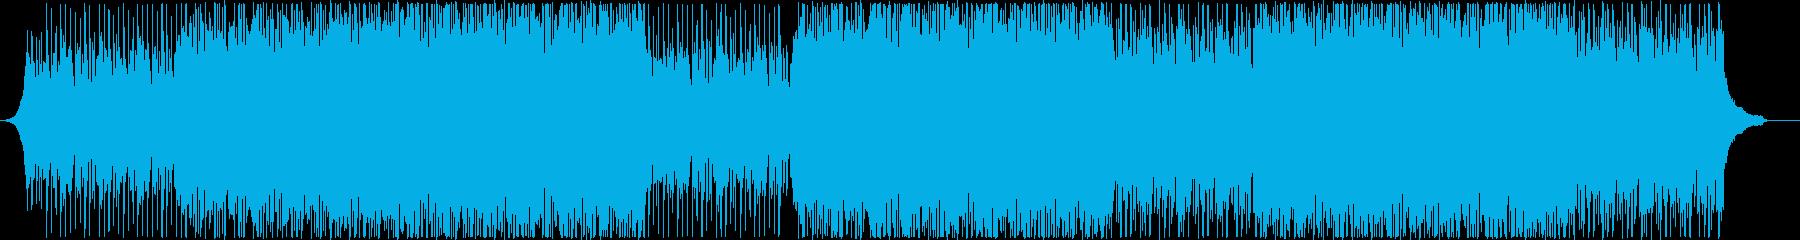 映像・企業VP 創造的なワクワク感(C)の再生済みの波形